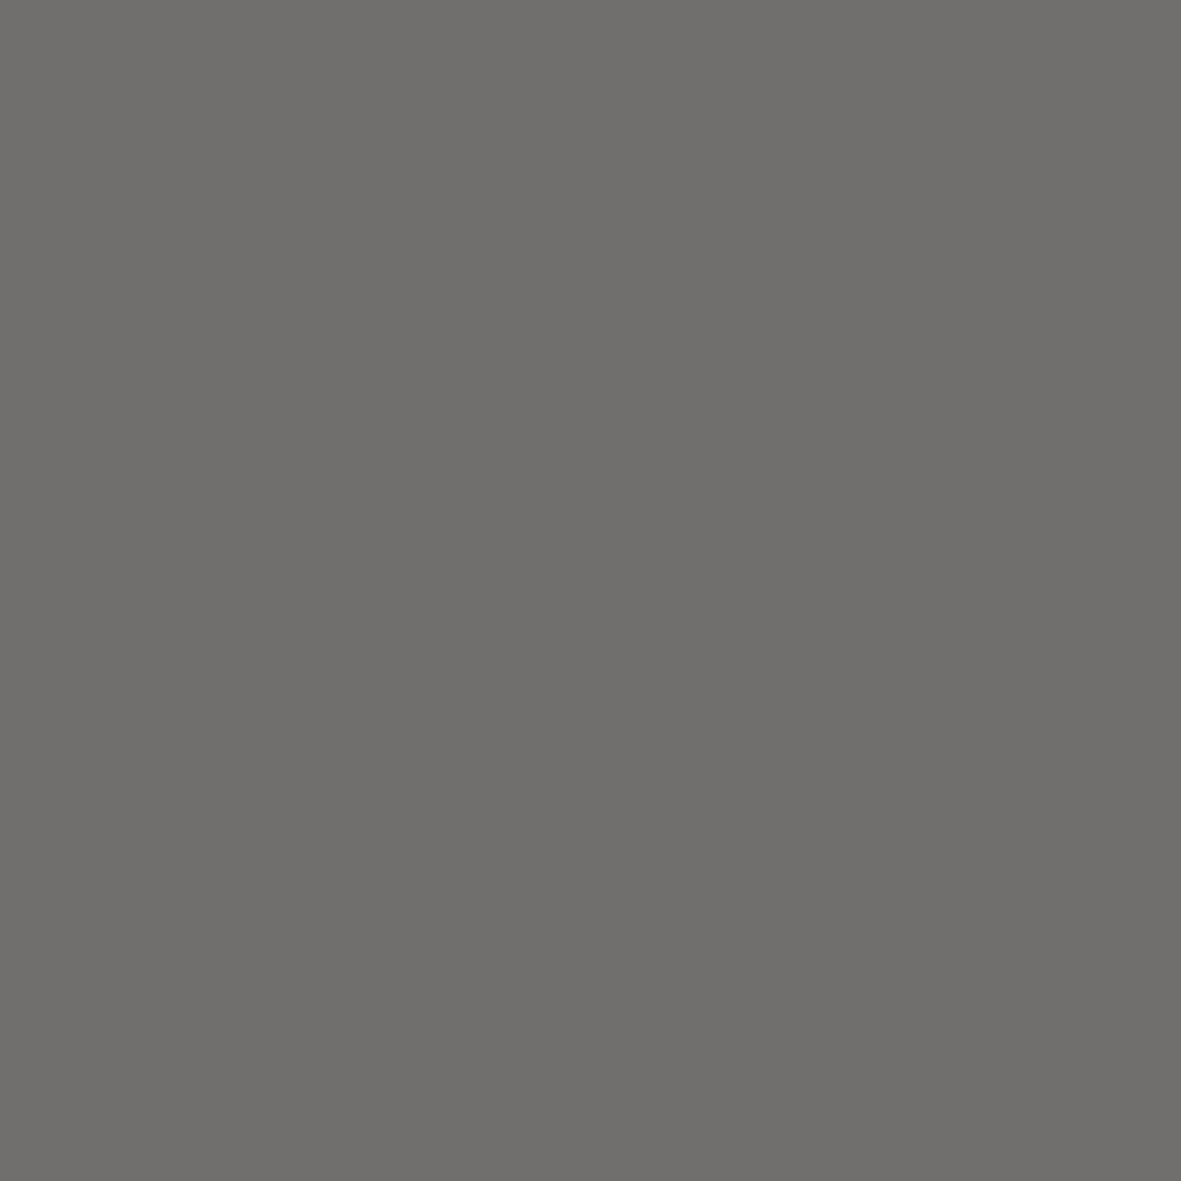 Плитка керамічна Моноколор MC03N700 Сірий